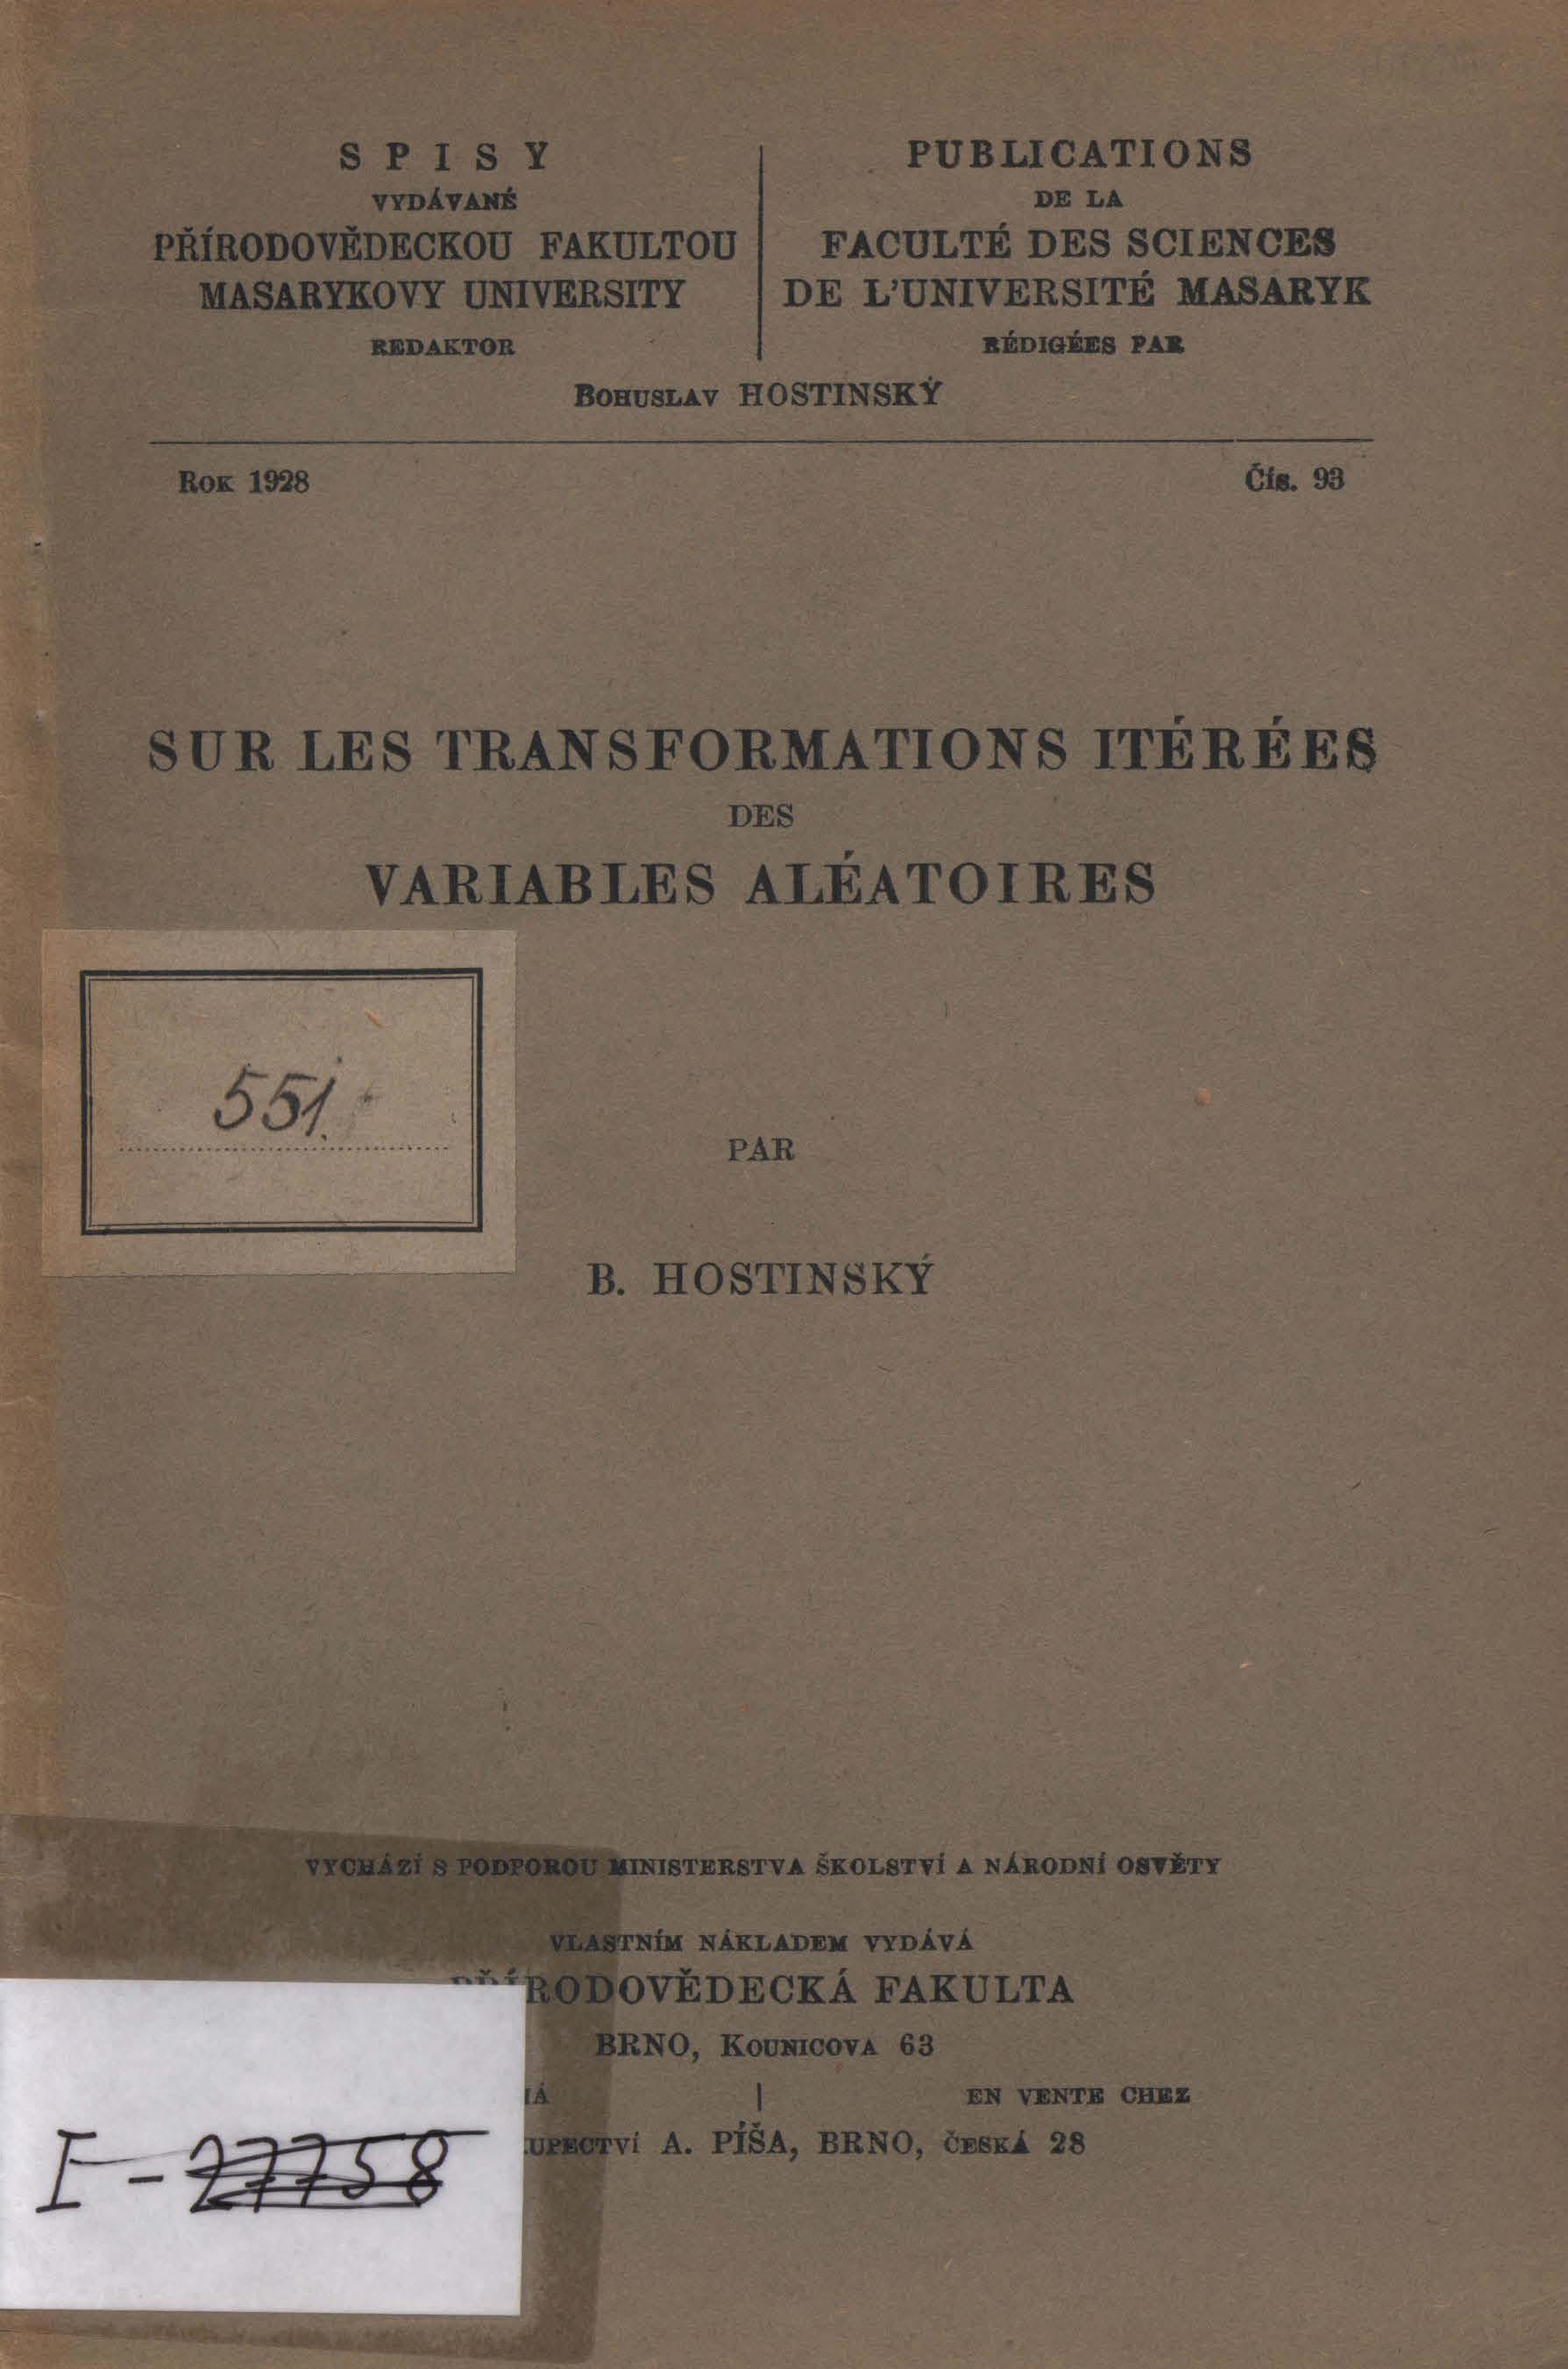 Obálka pro Sur les transformation itérées des variables aléatoires par B. Hostinský